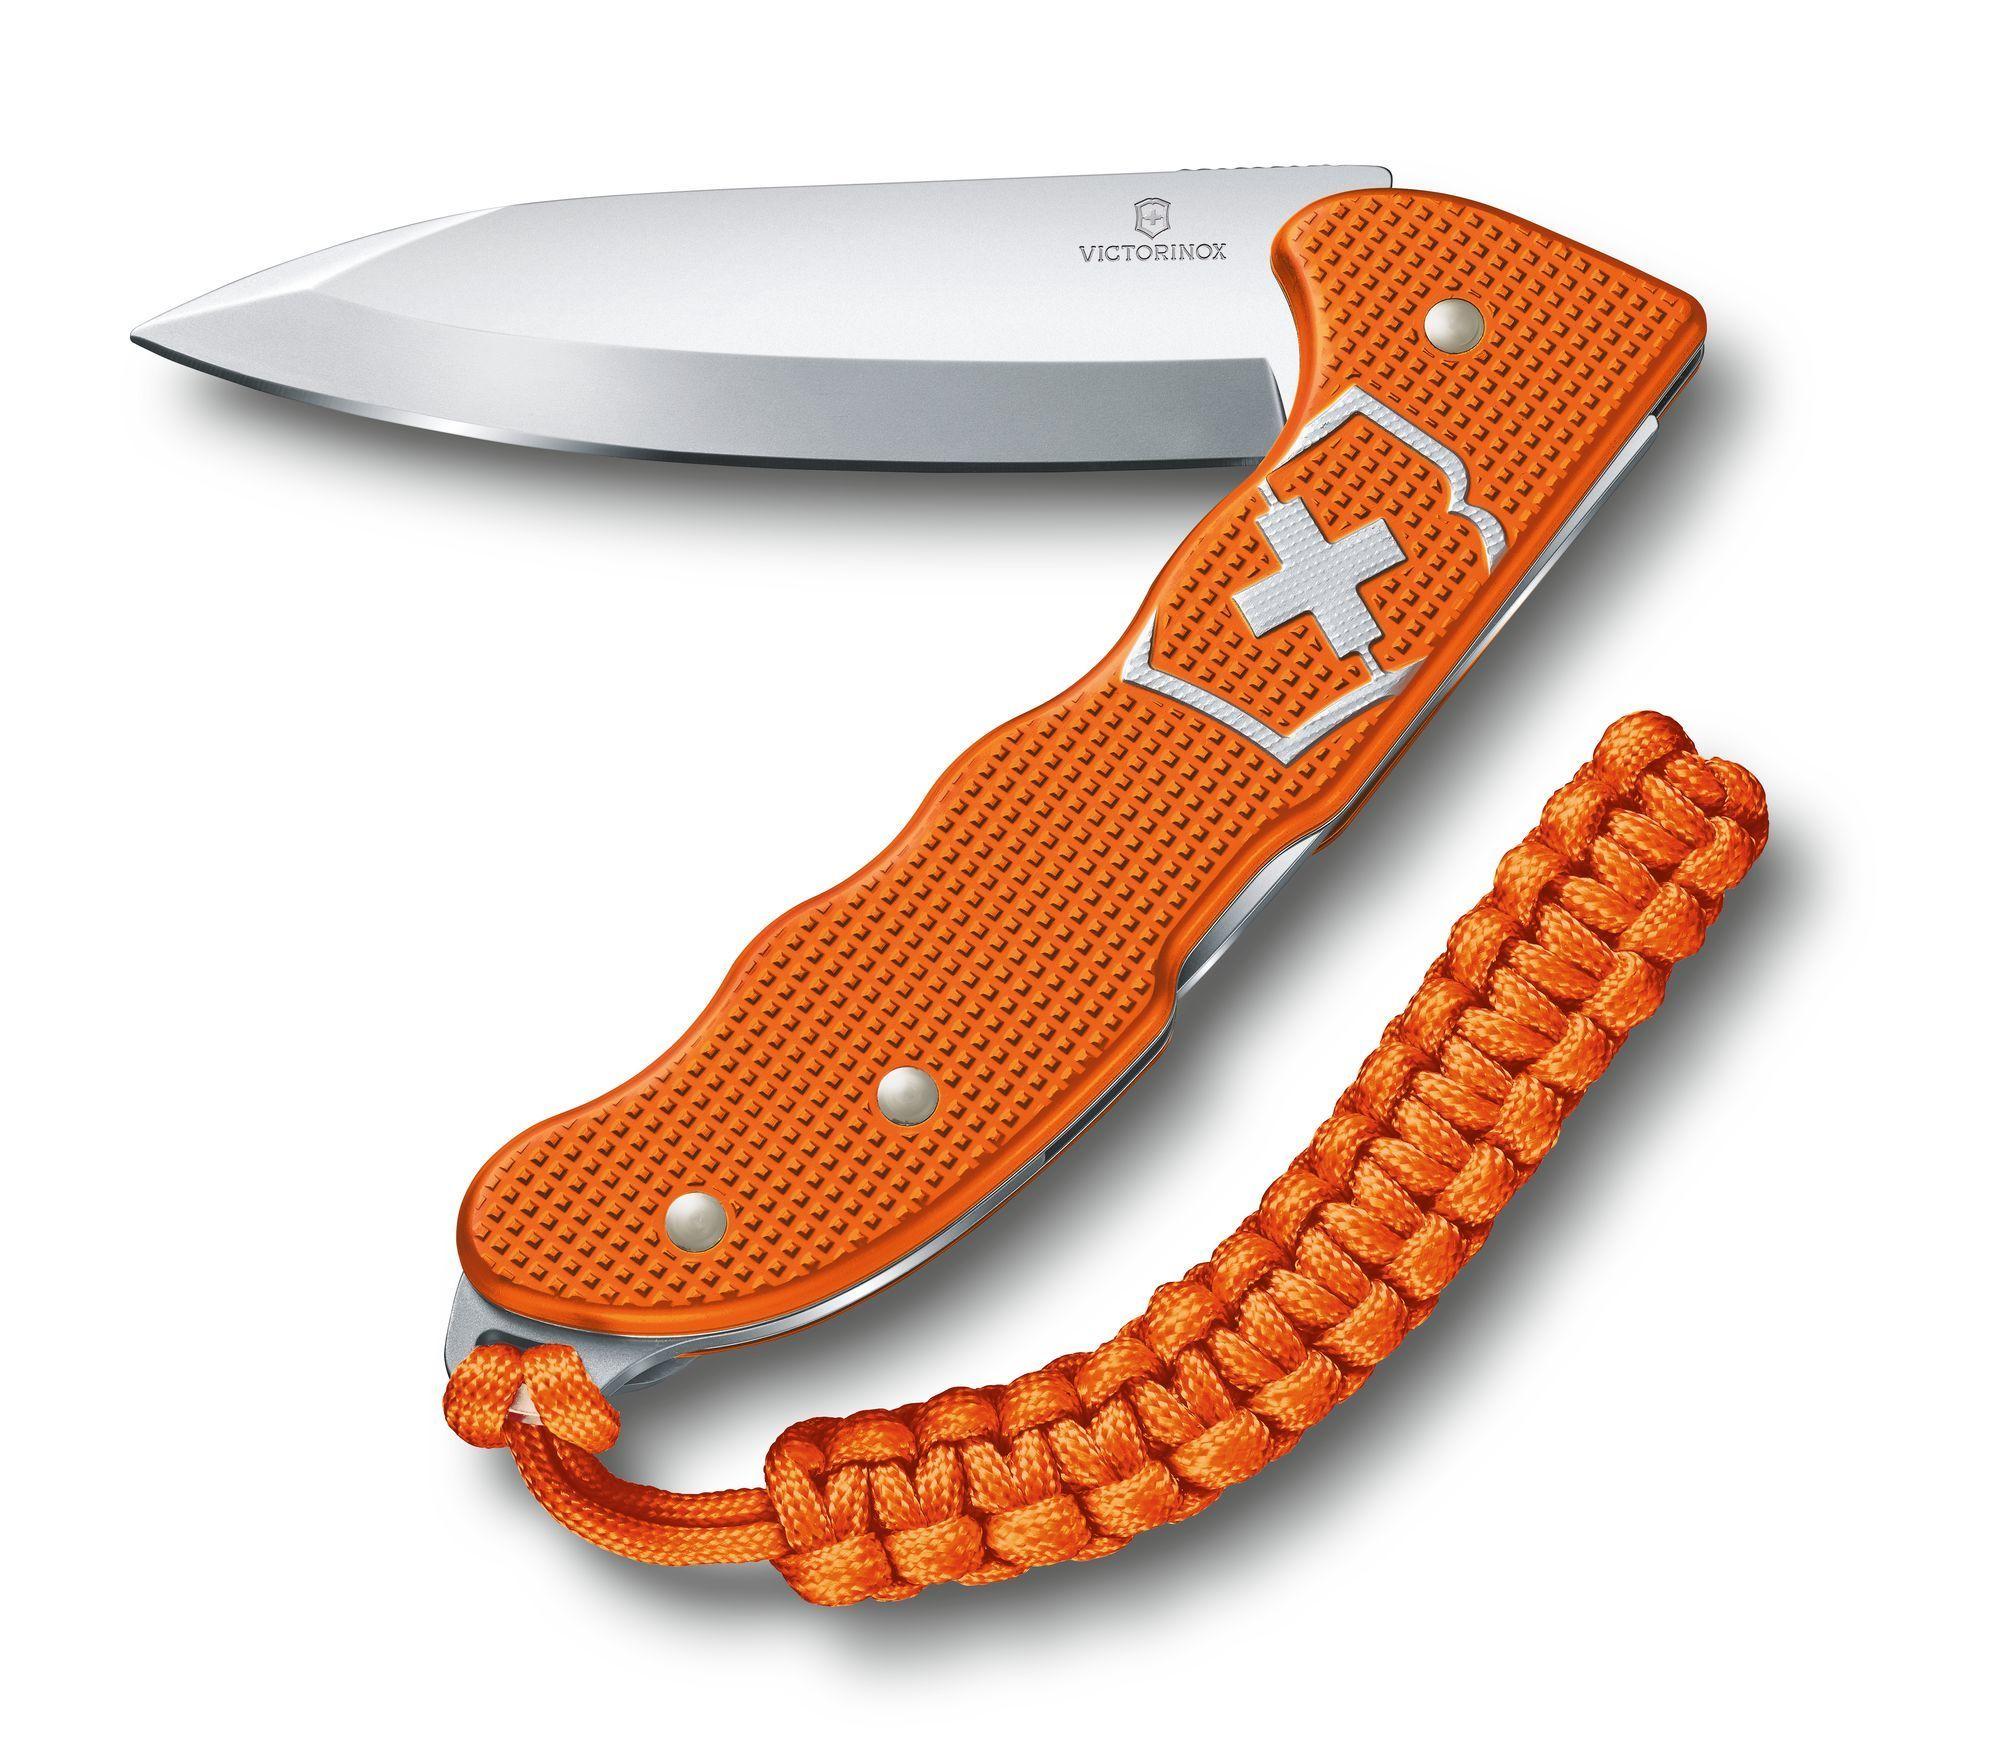 Складной швейцарский нож Victorinox Hunter Pro Alox Limited Edition 2021, цвет оранжевый (0.9415.L21) лимитированное издание | Wenger-Victorinox.Ru